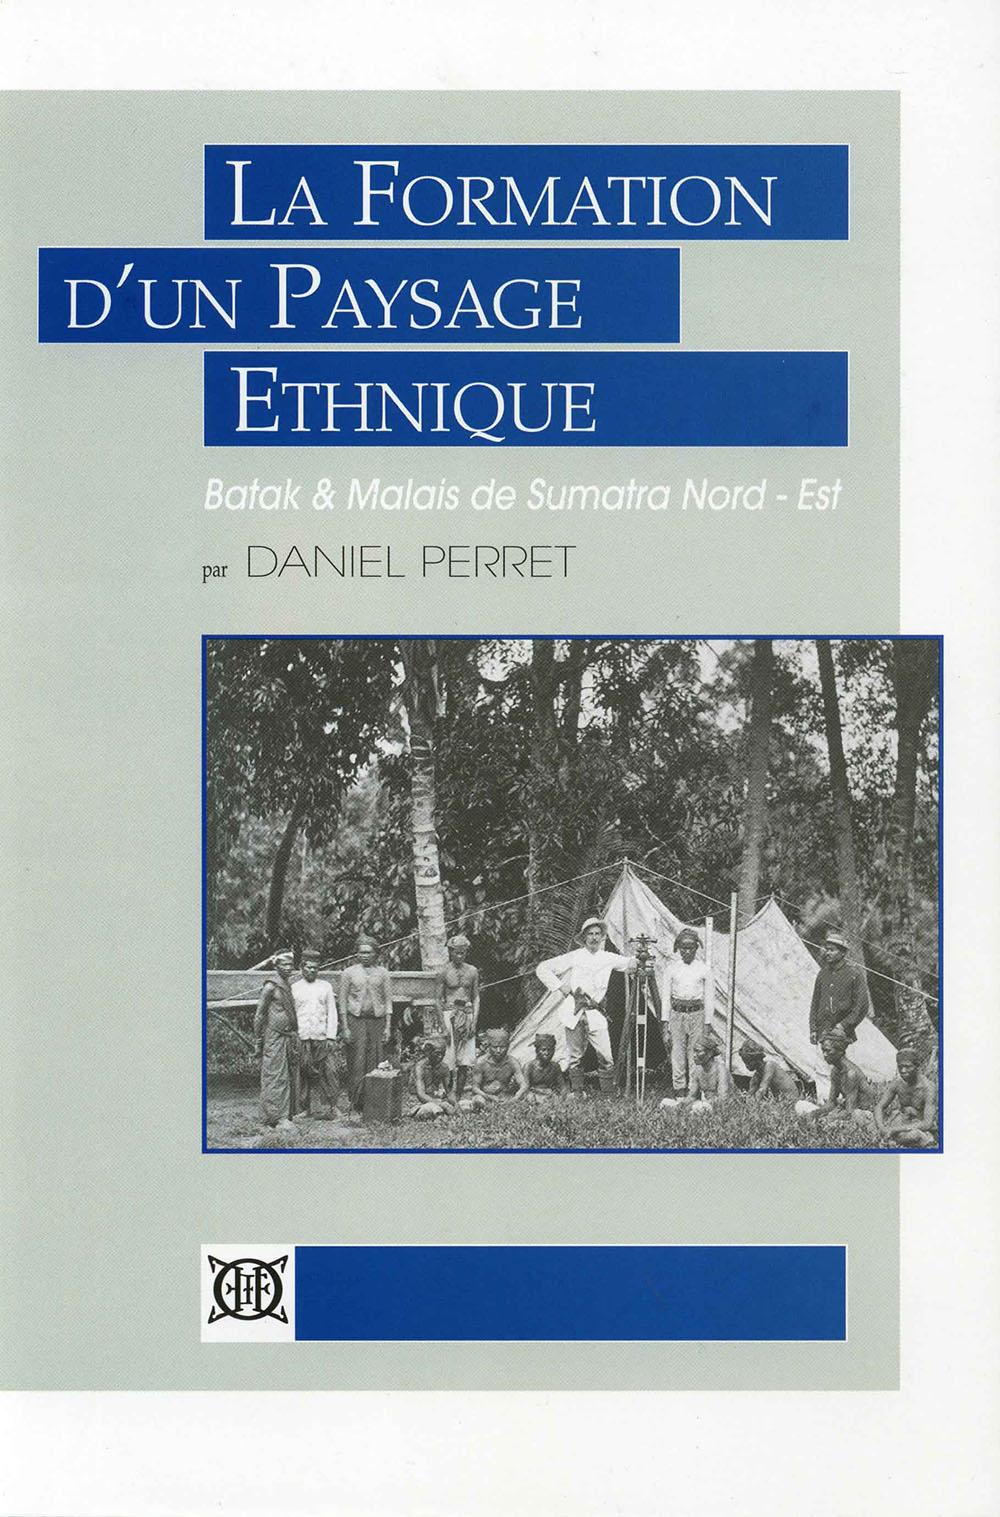 La formation d'un paysage ethnique